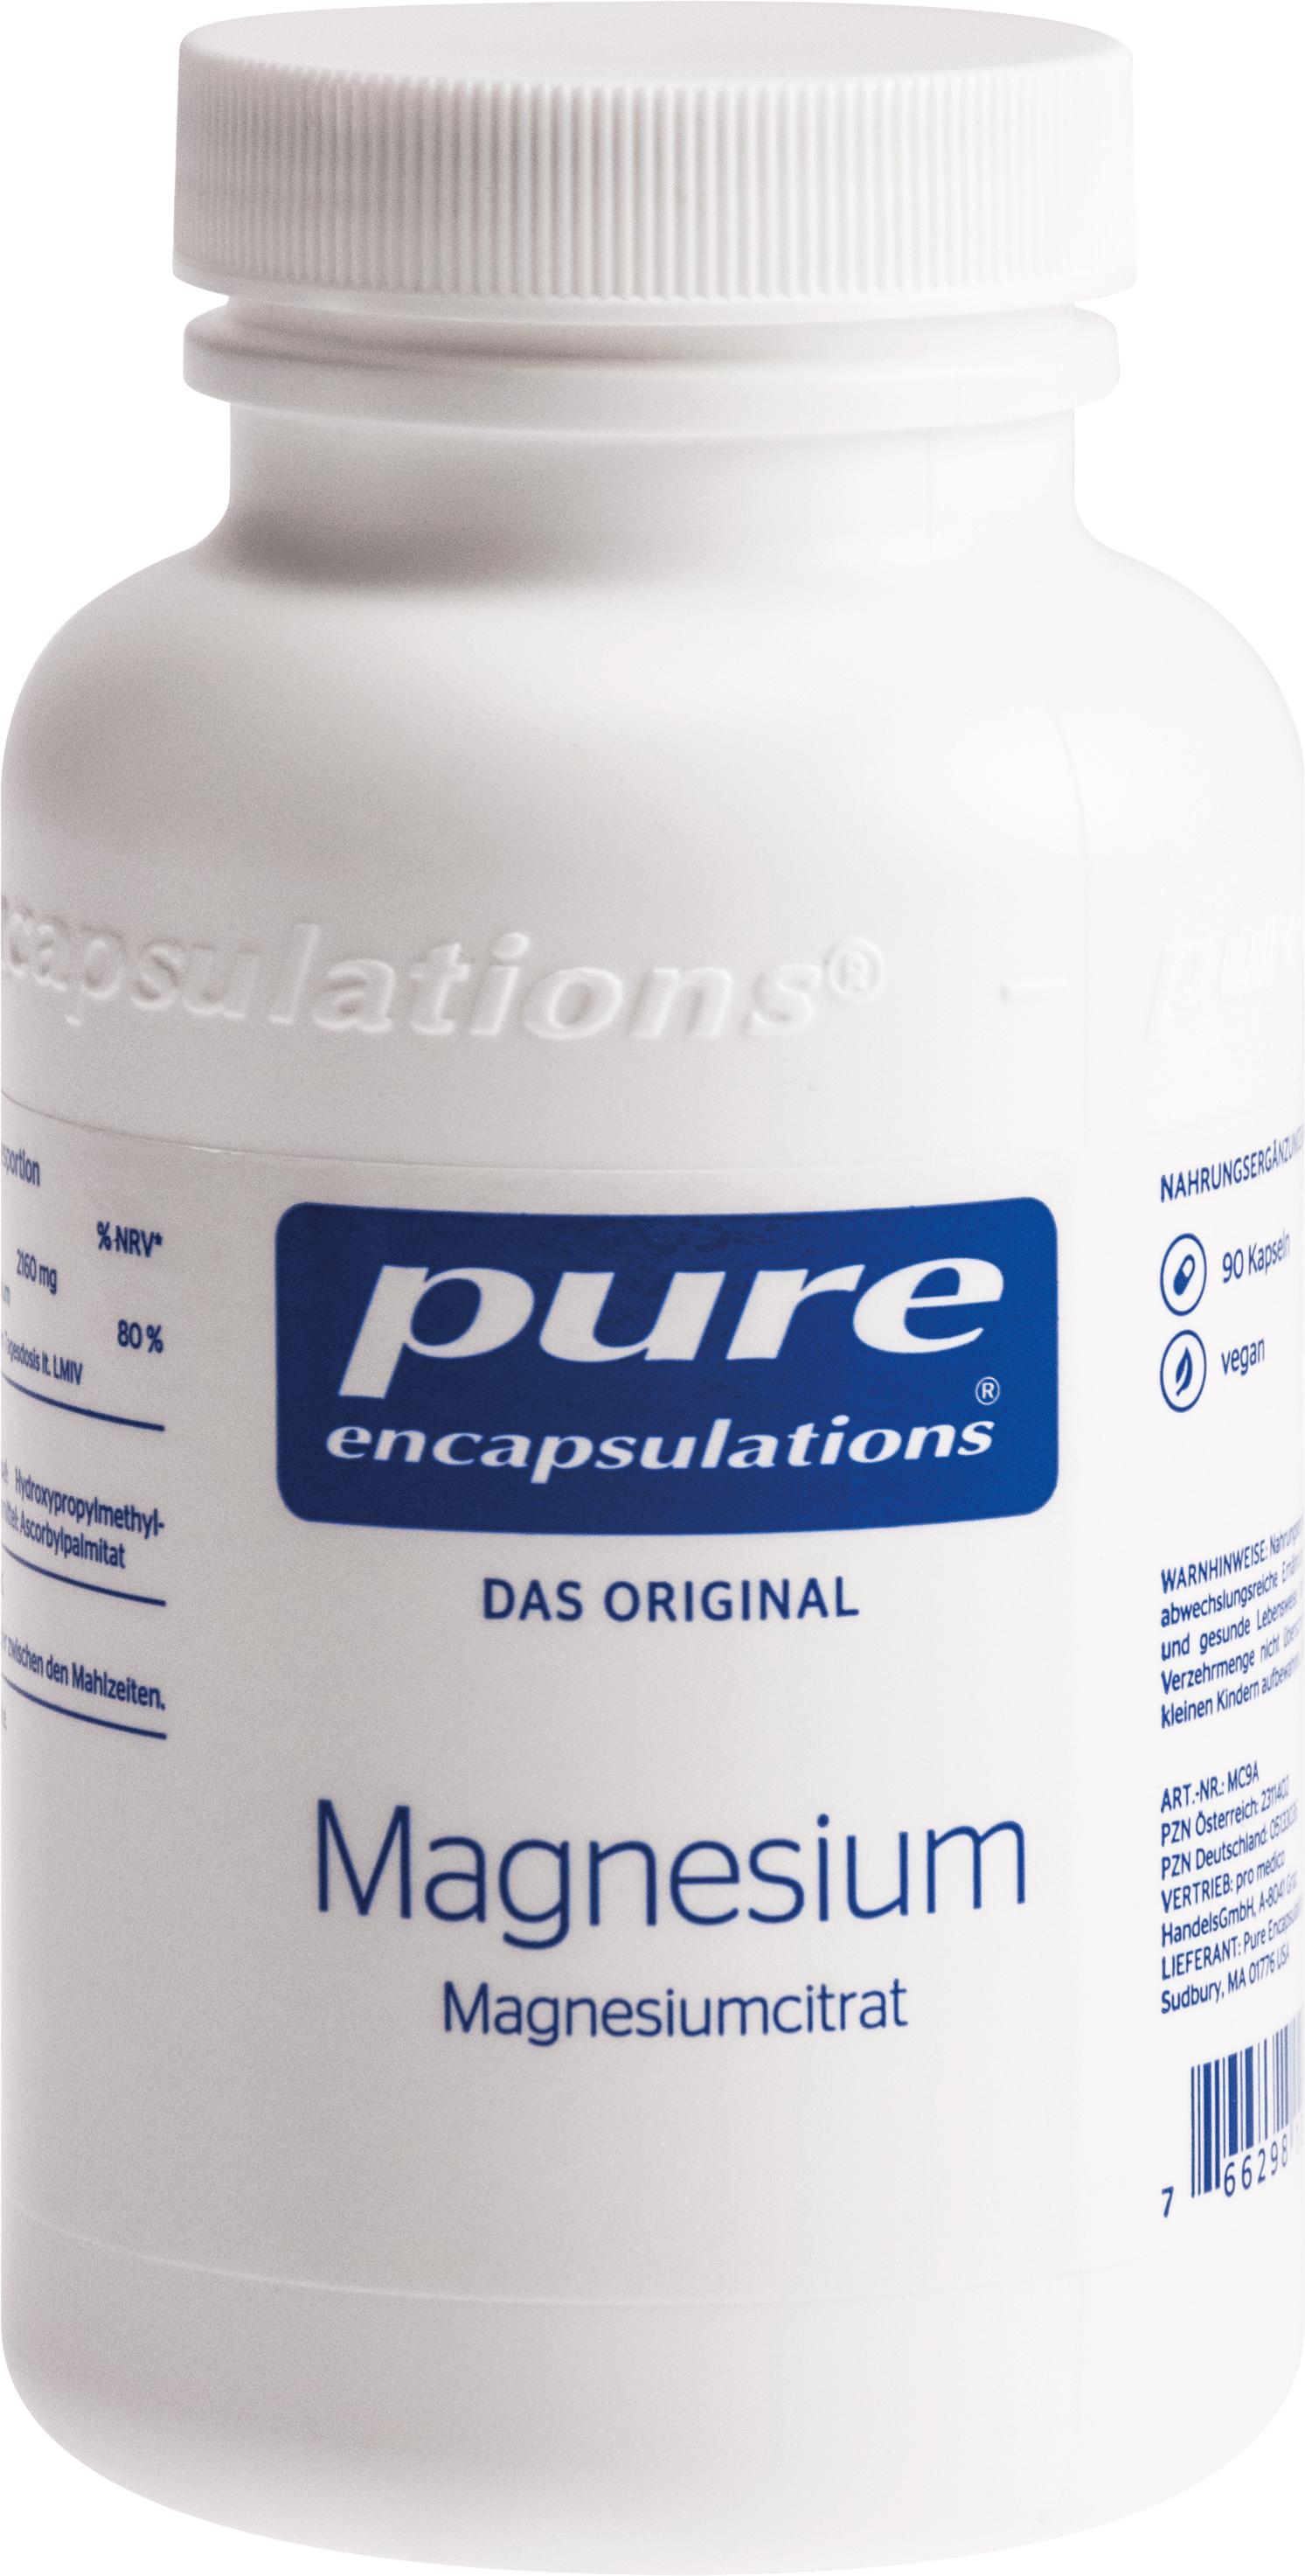 PURE ENCAPSULATIONS MAGNESIUM MAGNESIUMCITRAT